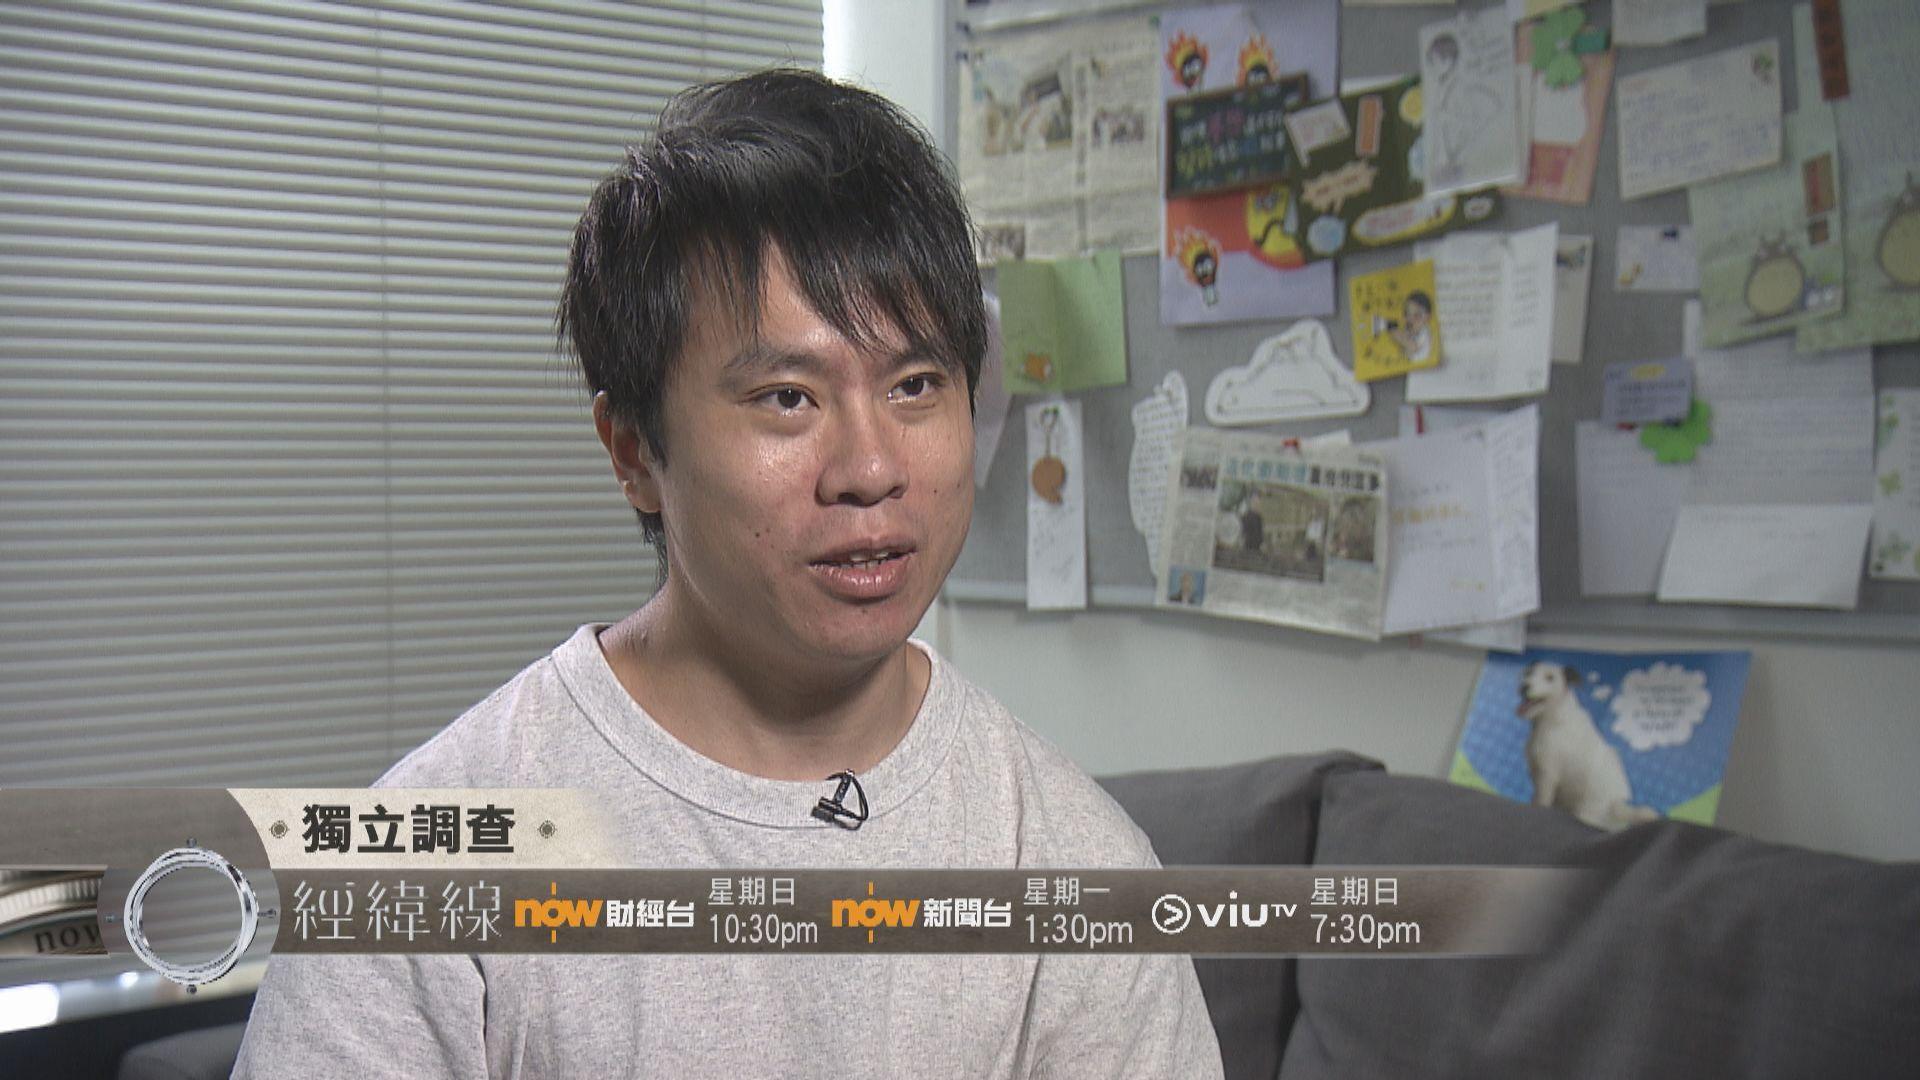 【經緯線本周提要】獨立調查